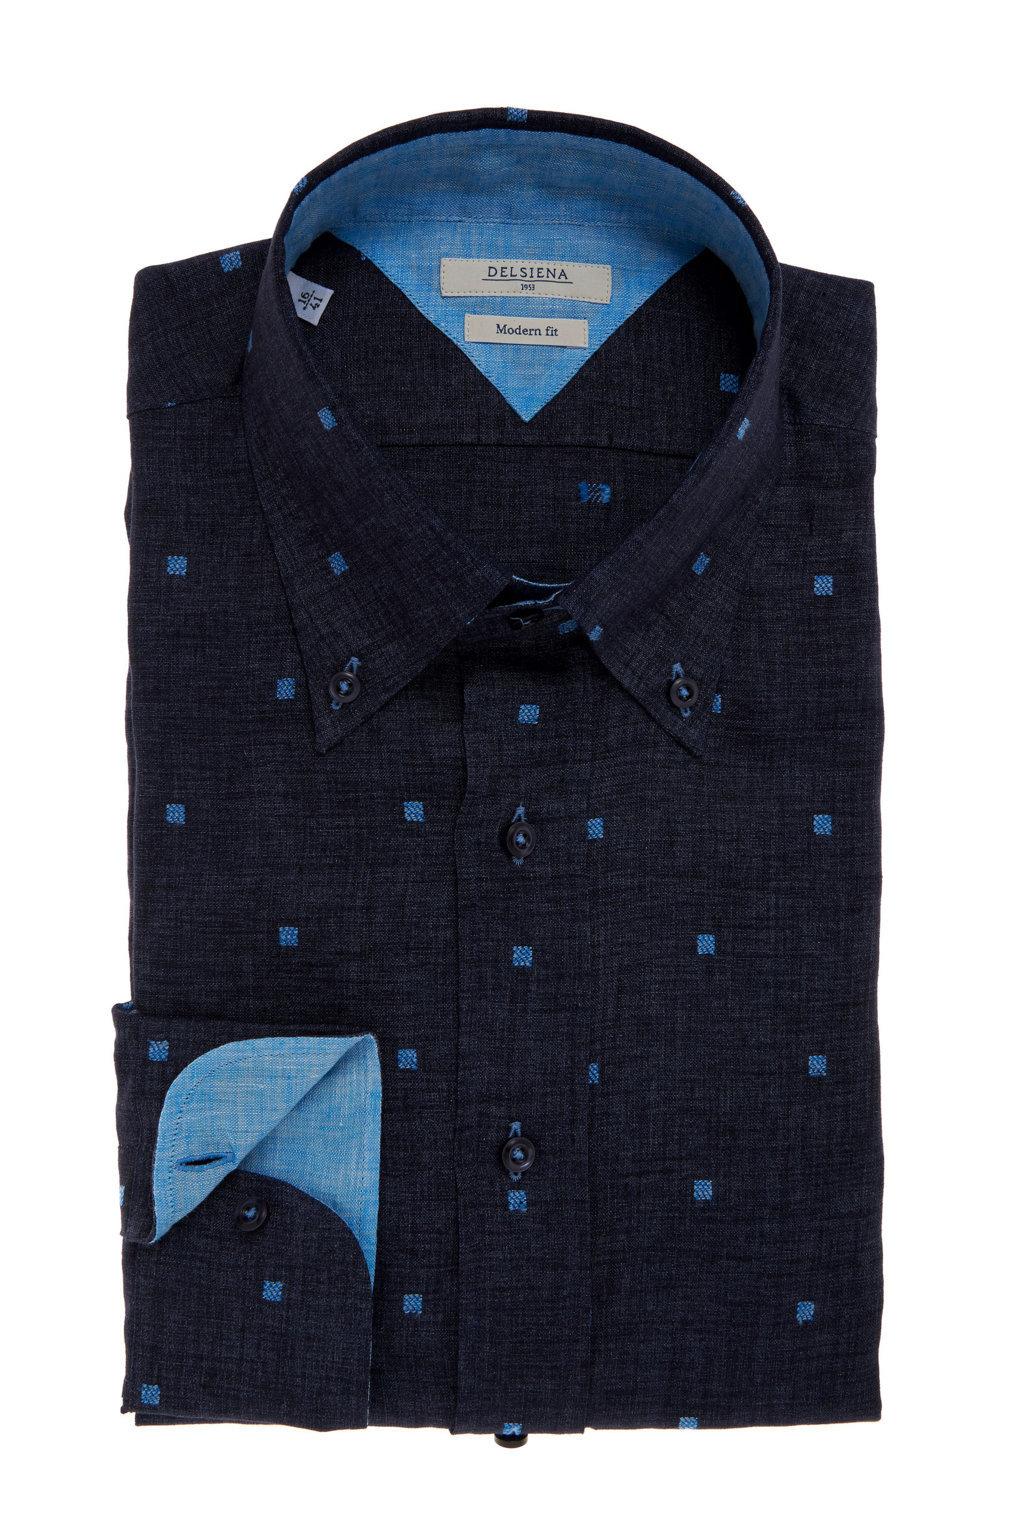 Camicia Delsiena lino blu button down